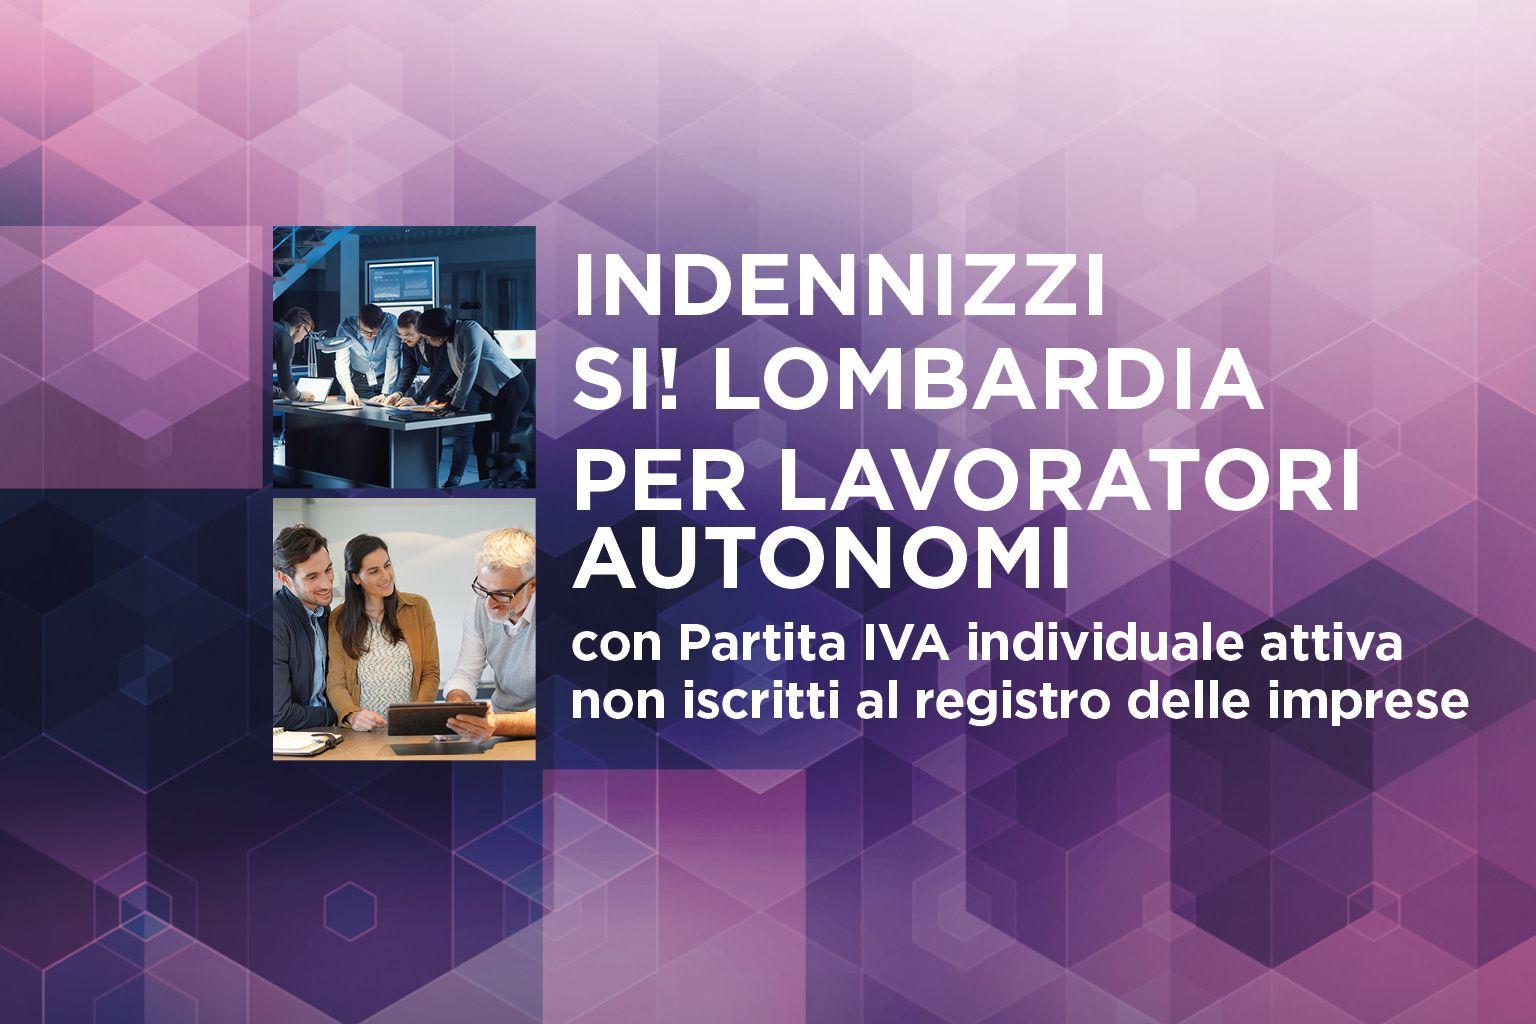 SI LOMBARDIA - Avviso 2 ter - Lavoratori autonomi - Finestra 1